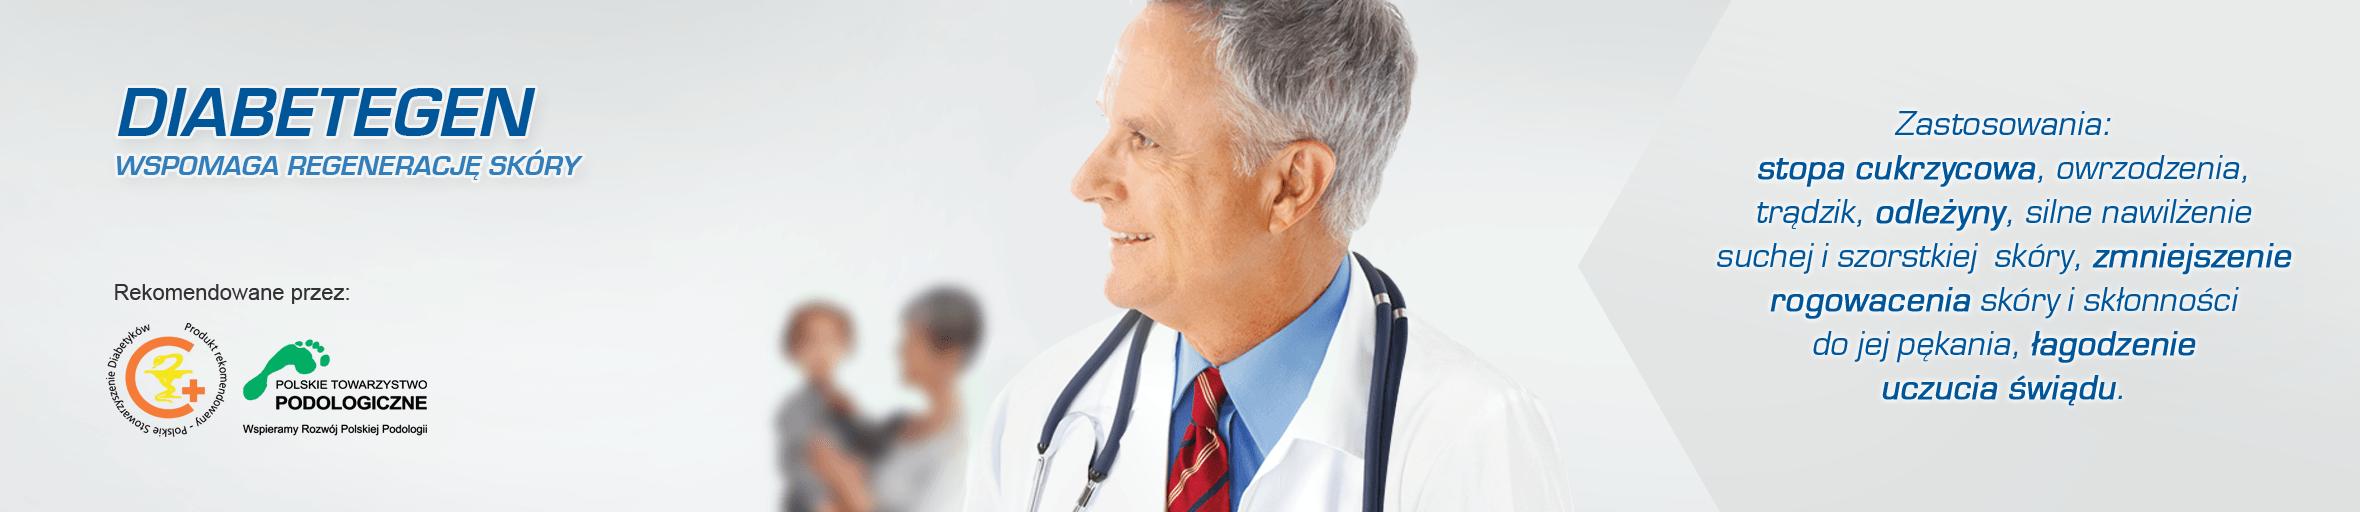 Diabetegen-regeneracja-skory